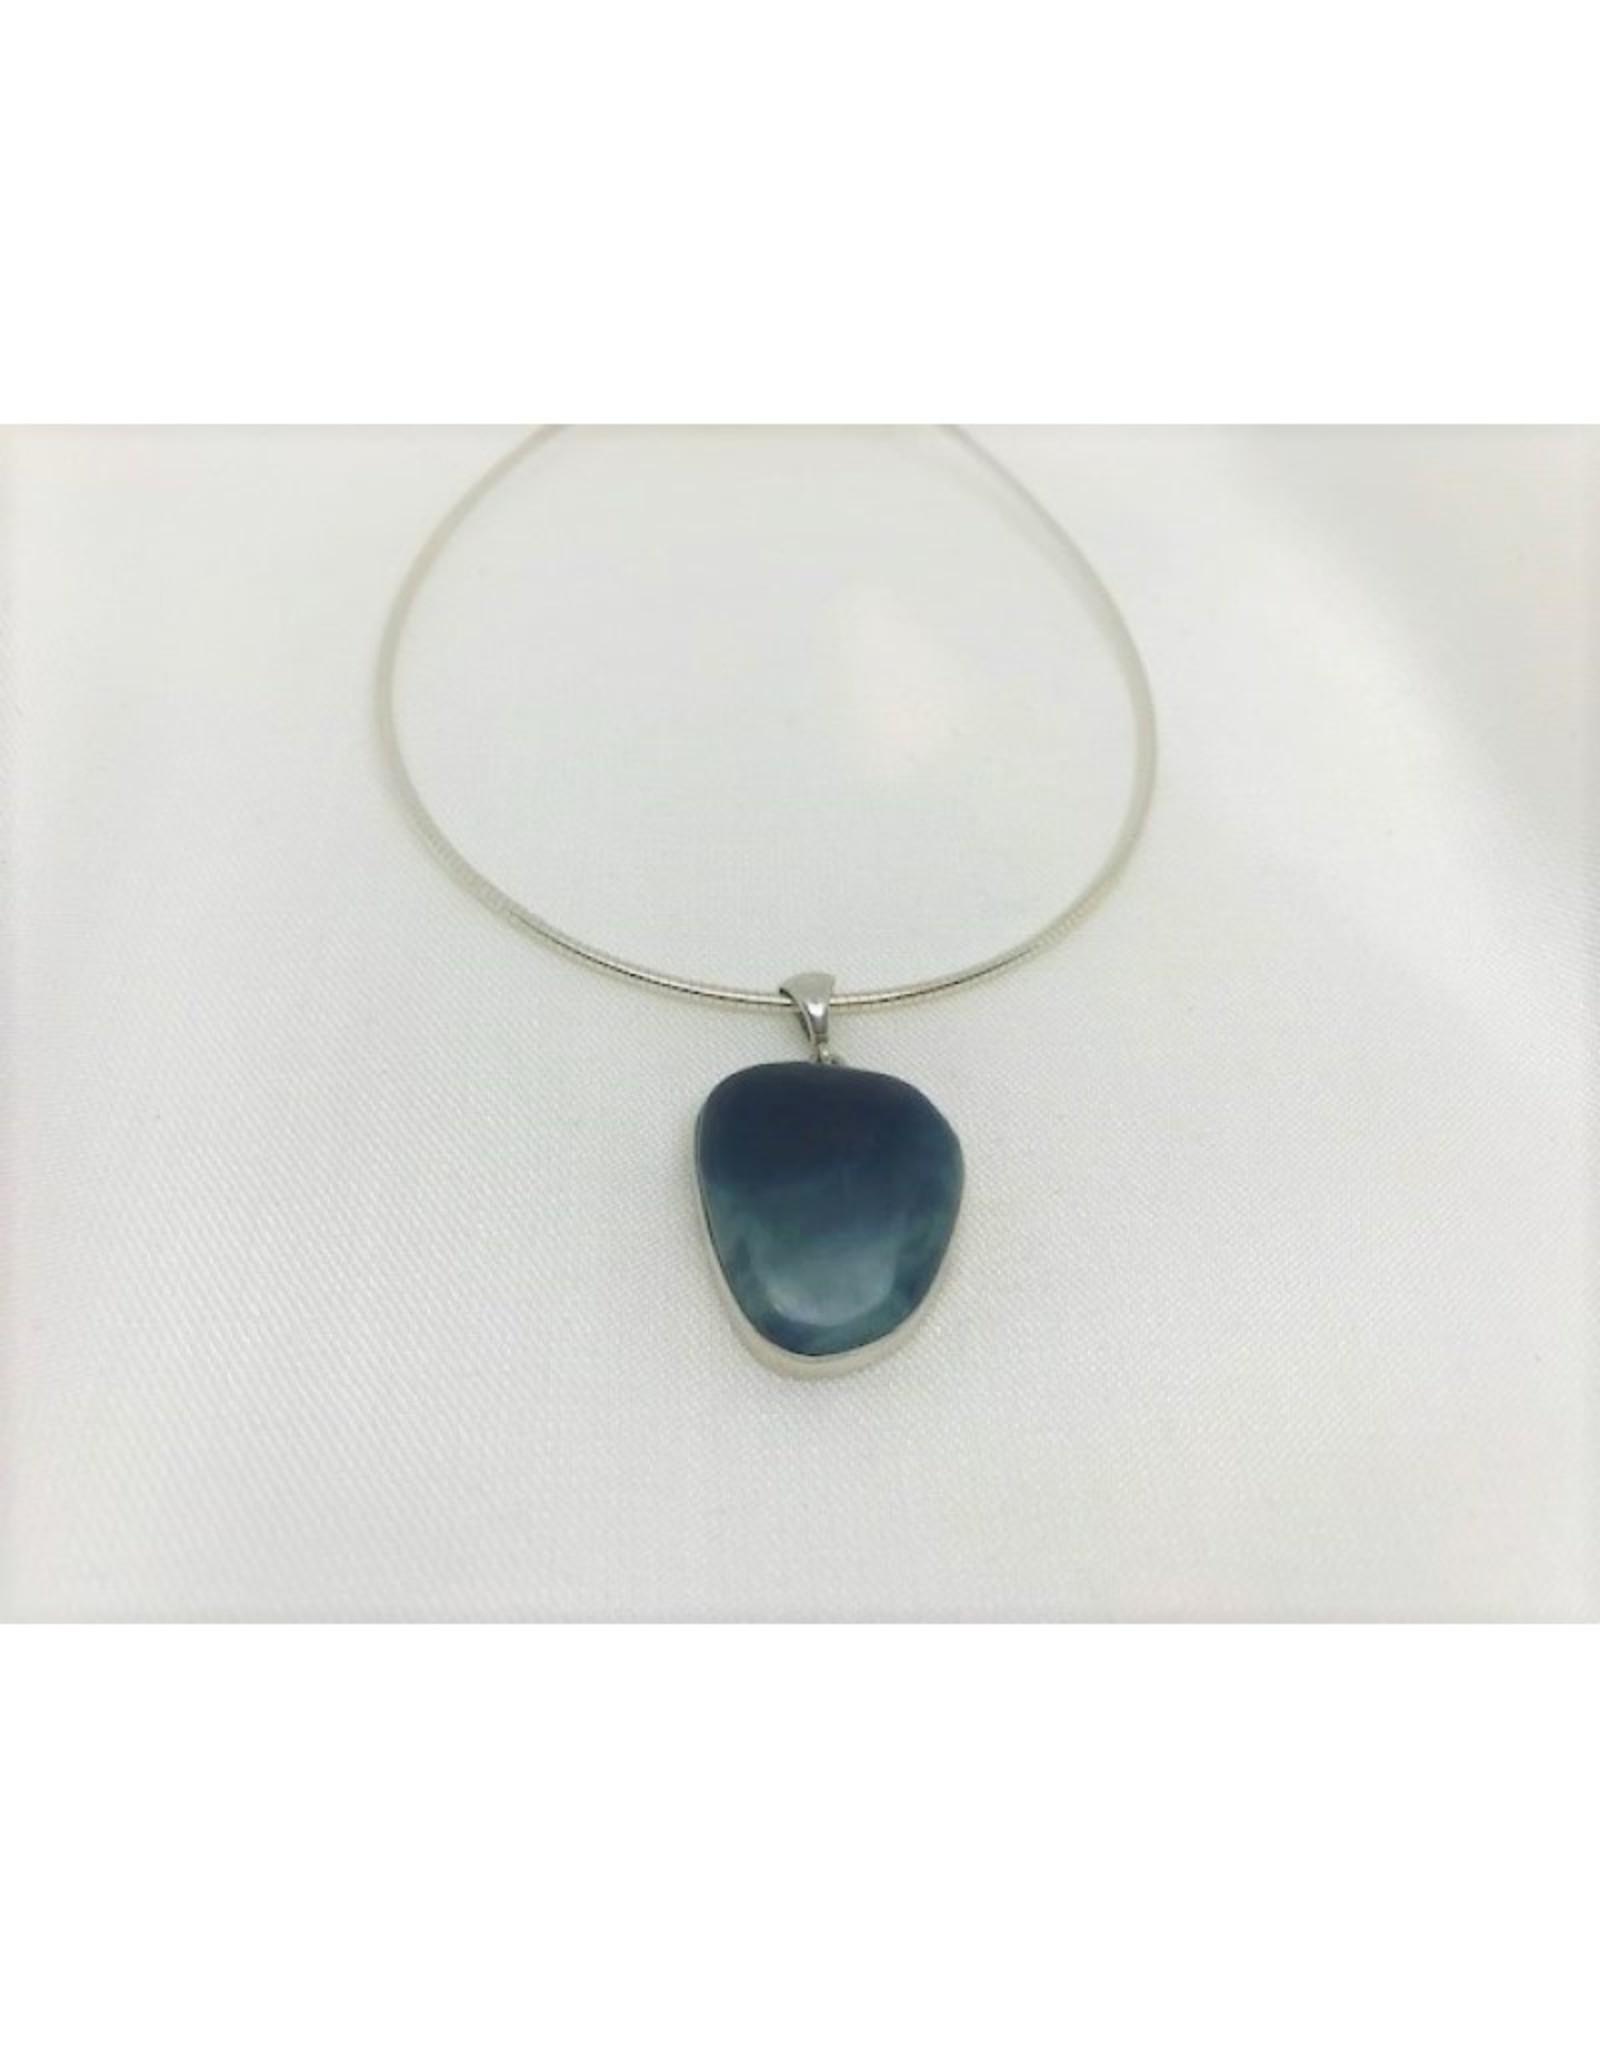 Cabochon Necklace Pendant - Leland Blue 1.1''